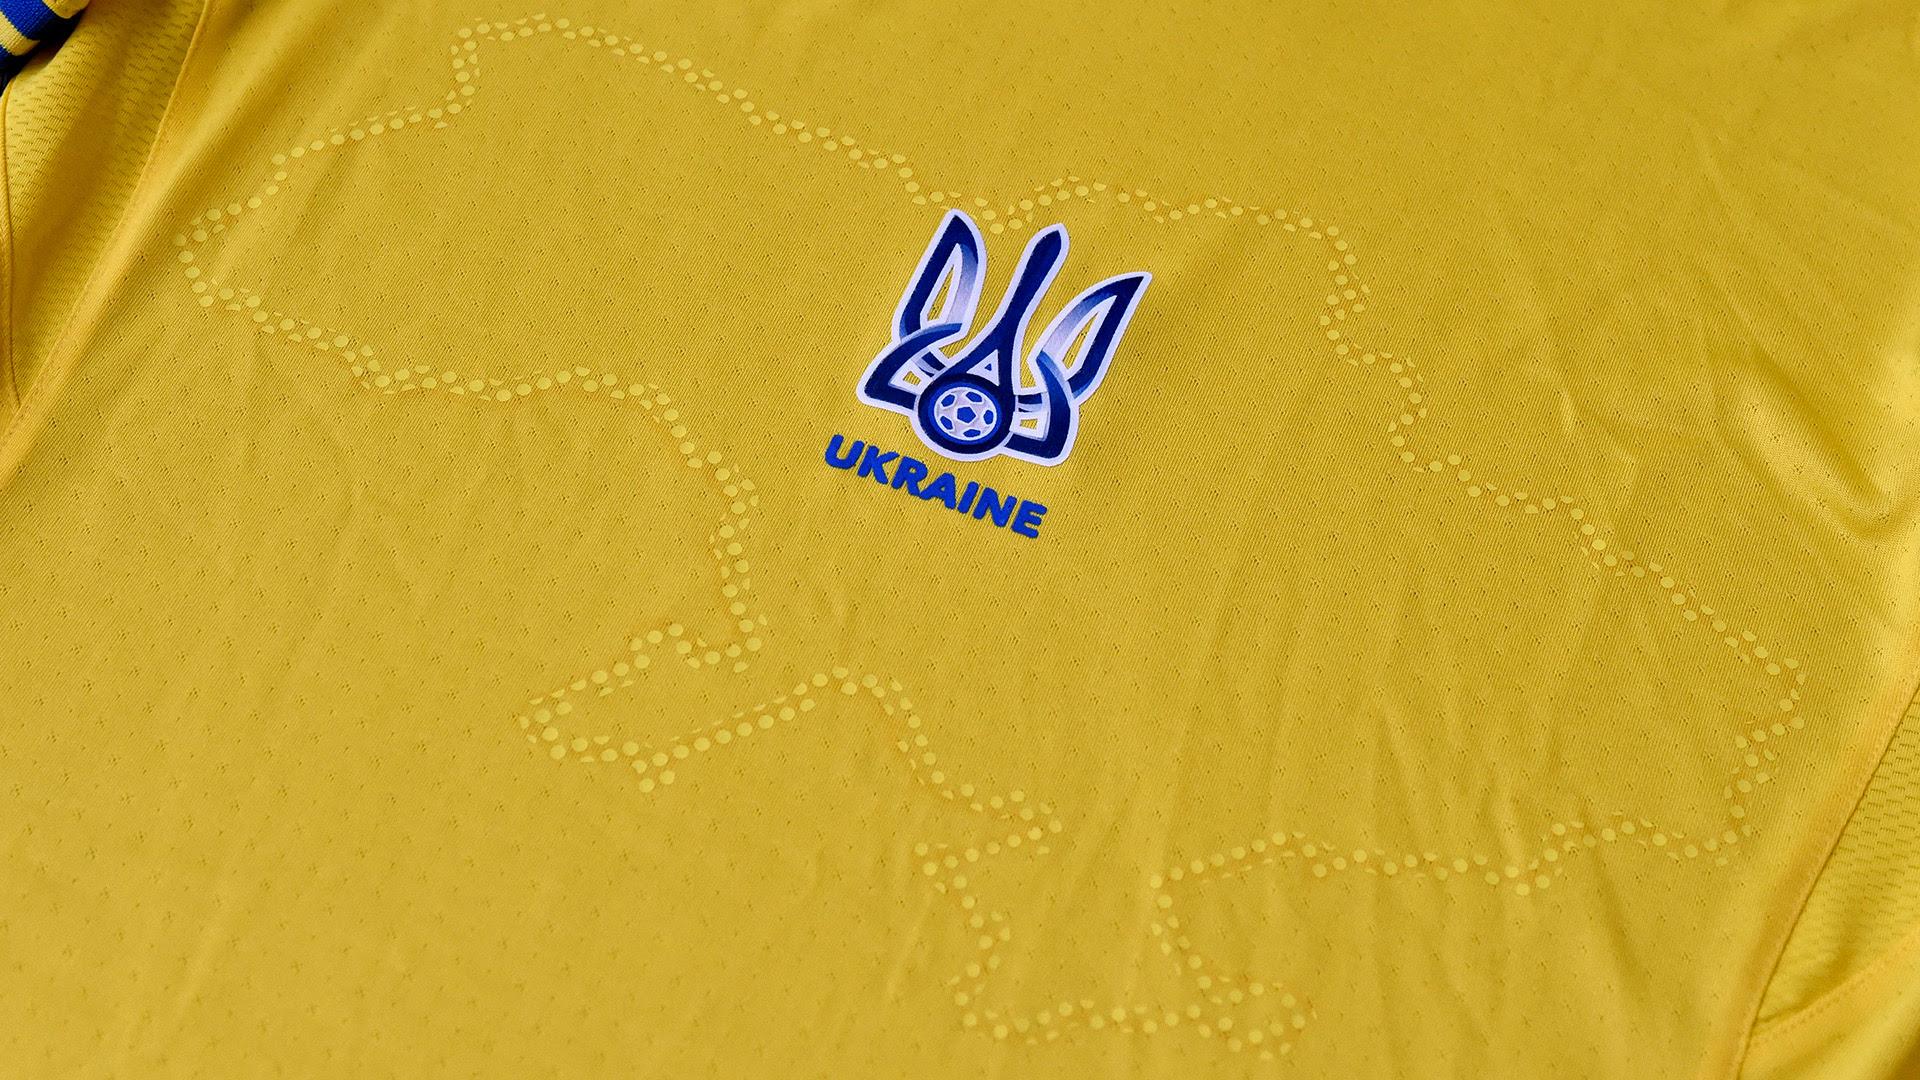 Streit um Fußball-Trikot: Ukraine und UEFA einigen sich Kompromiss